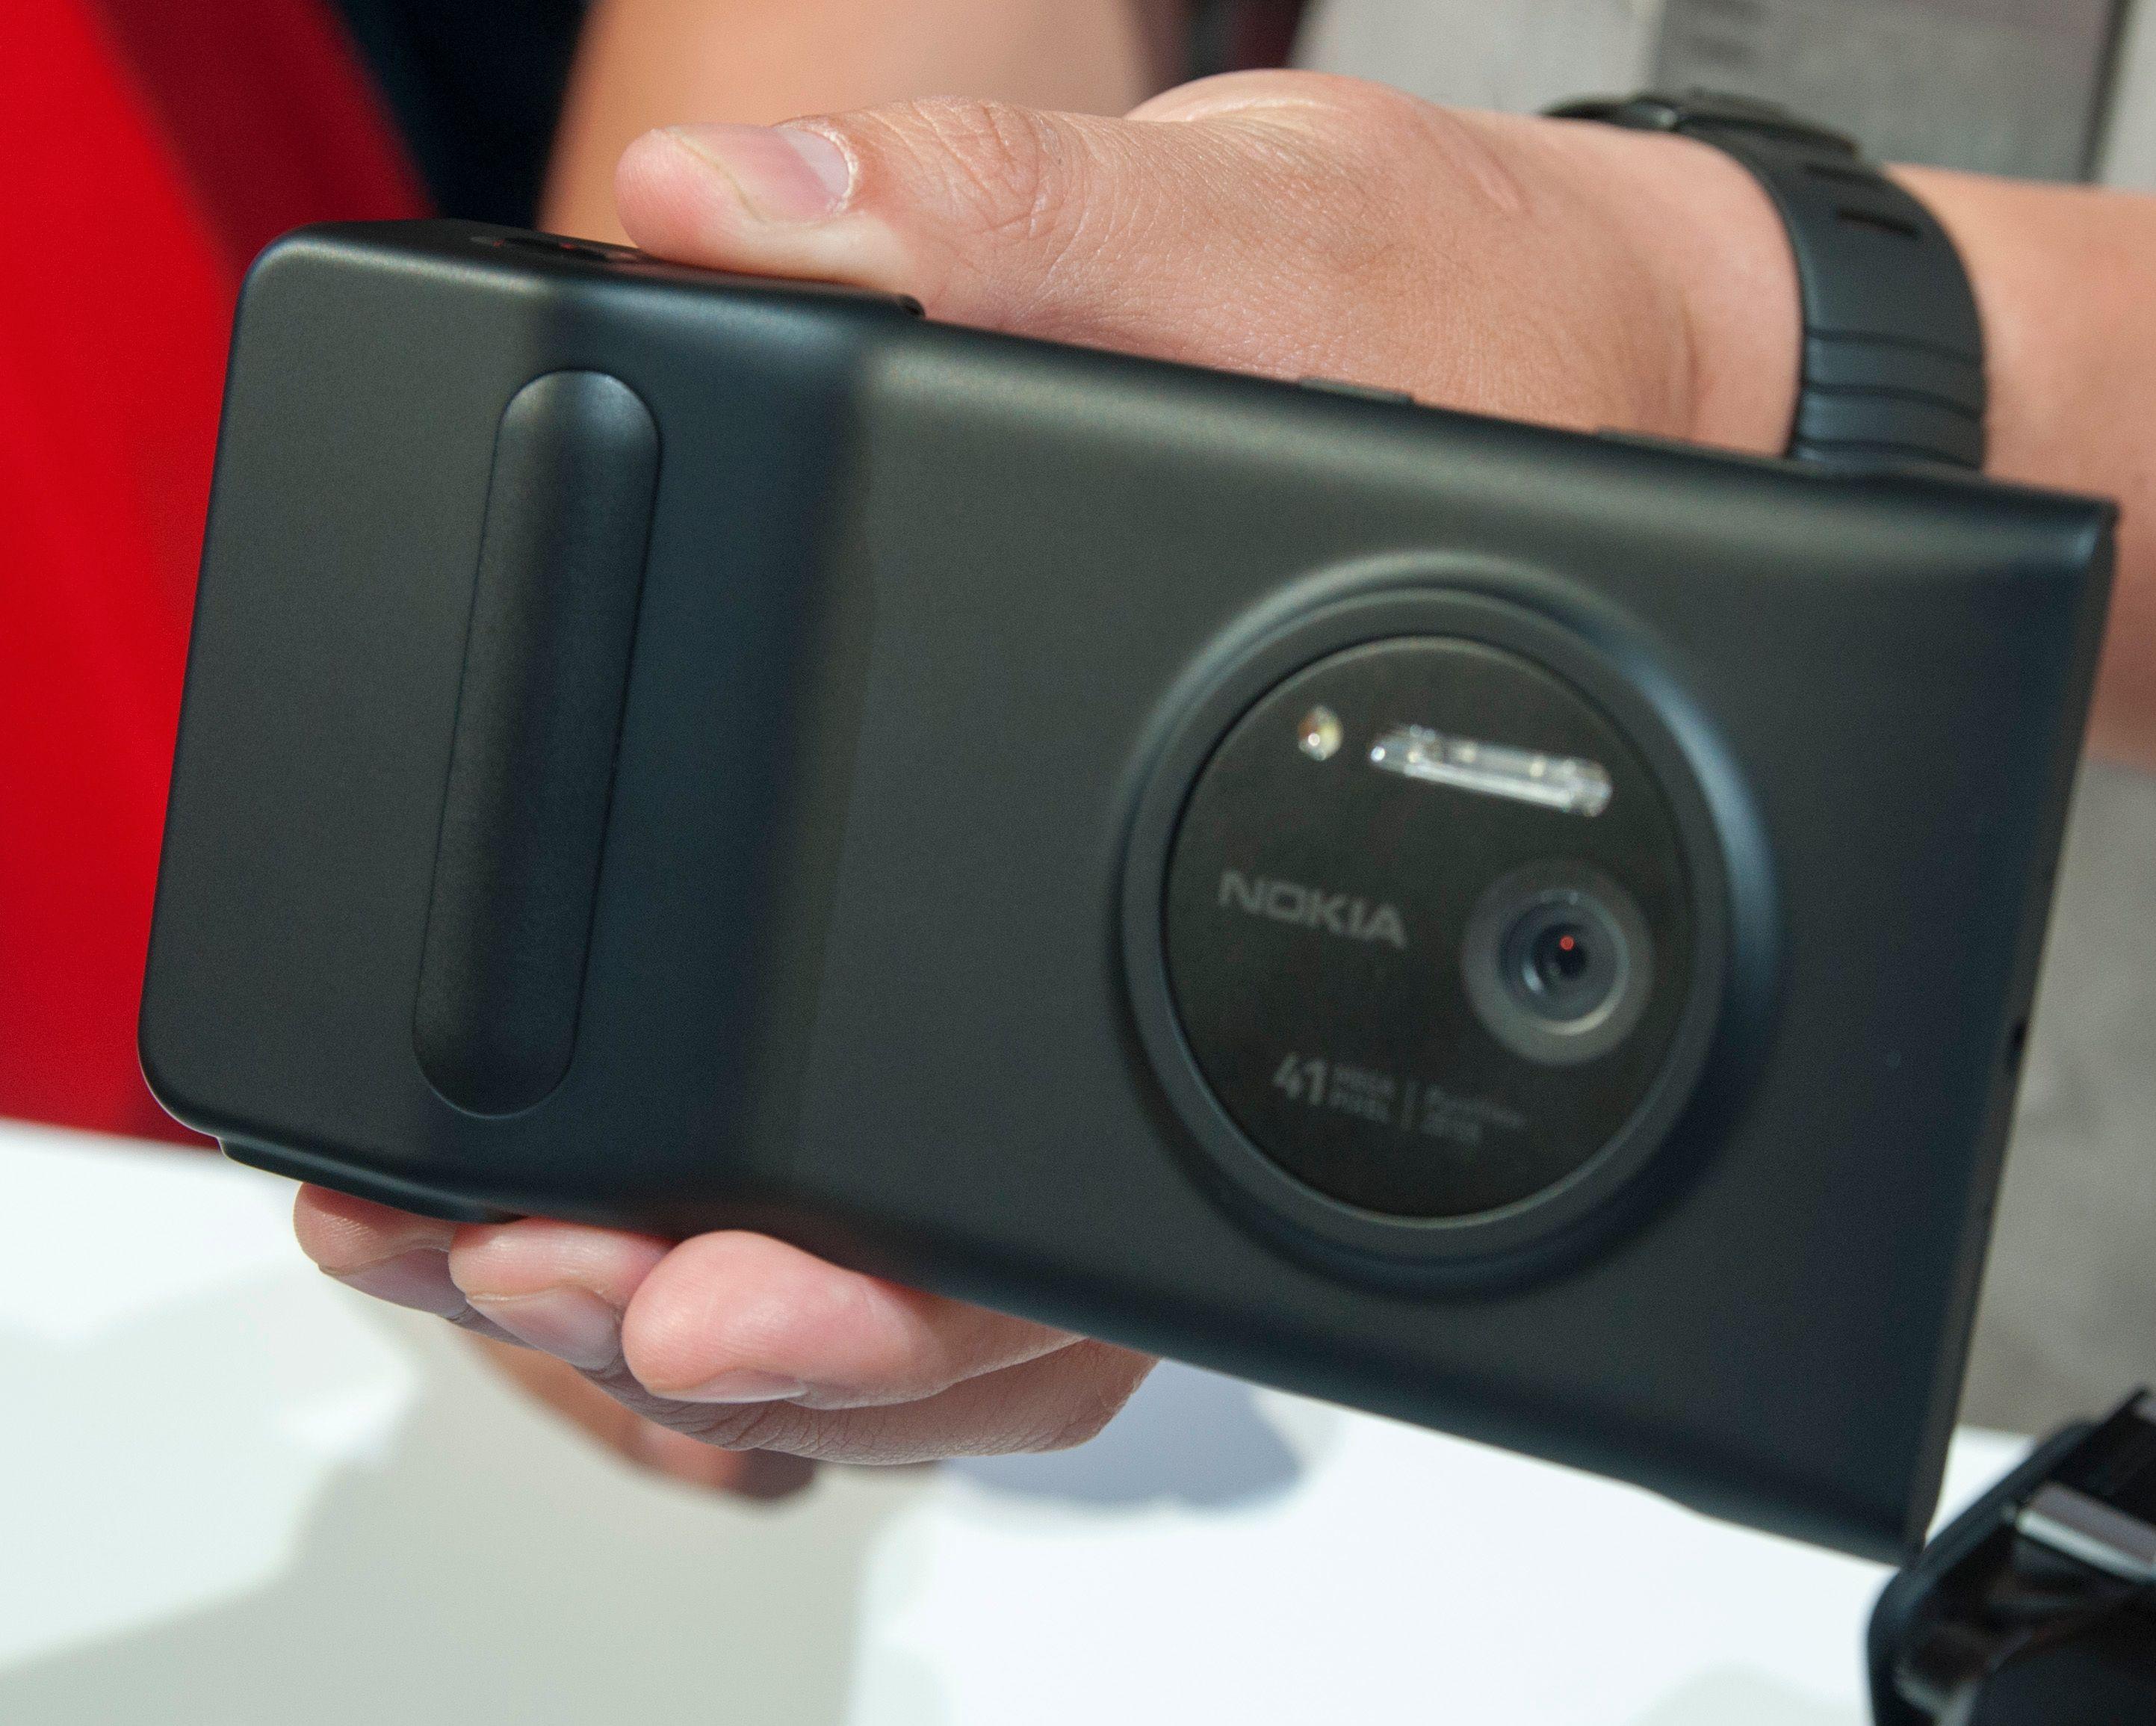 Slik ser Lumia 1020 ut med batterigrepet på.Foto: Finn Jarle Kvalheim, Amobil.no